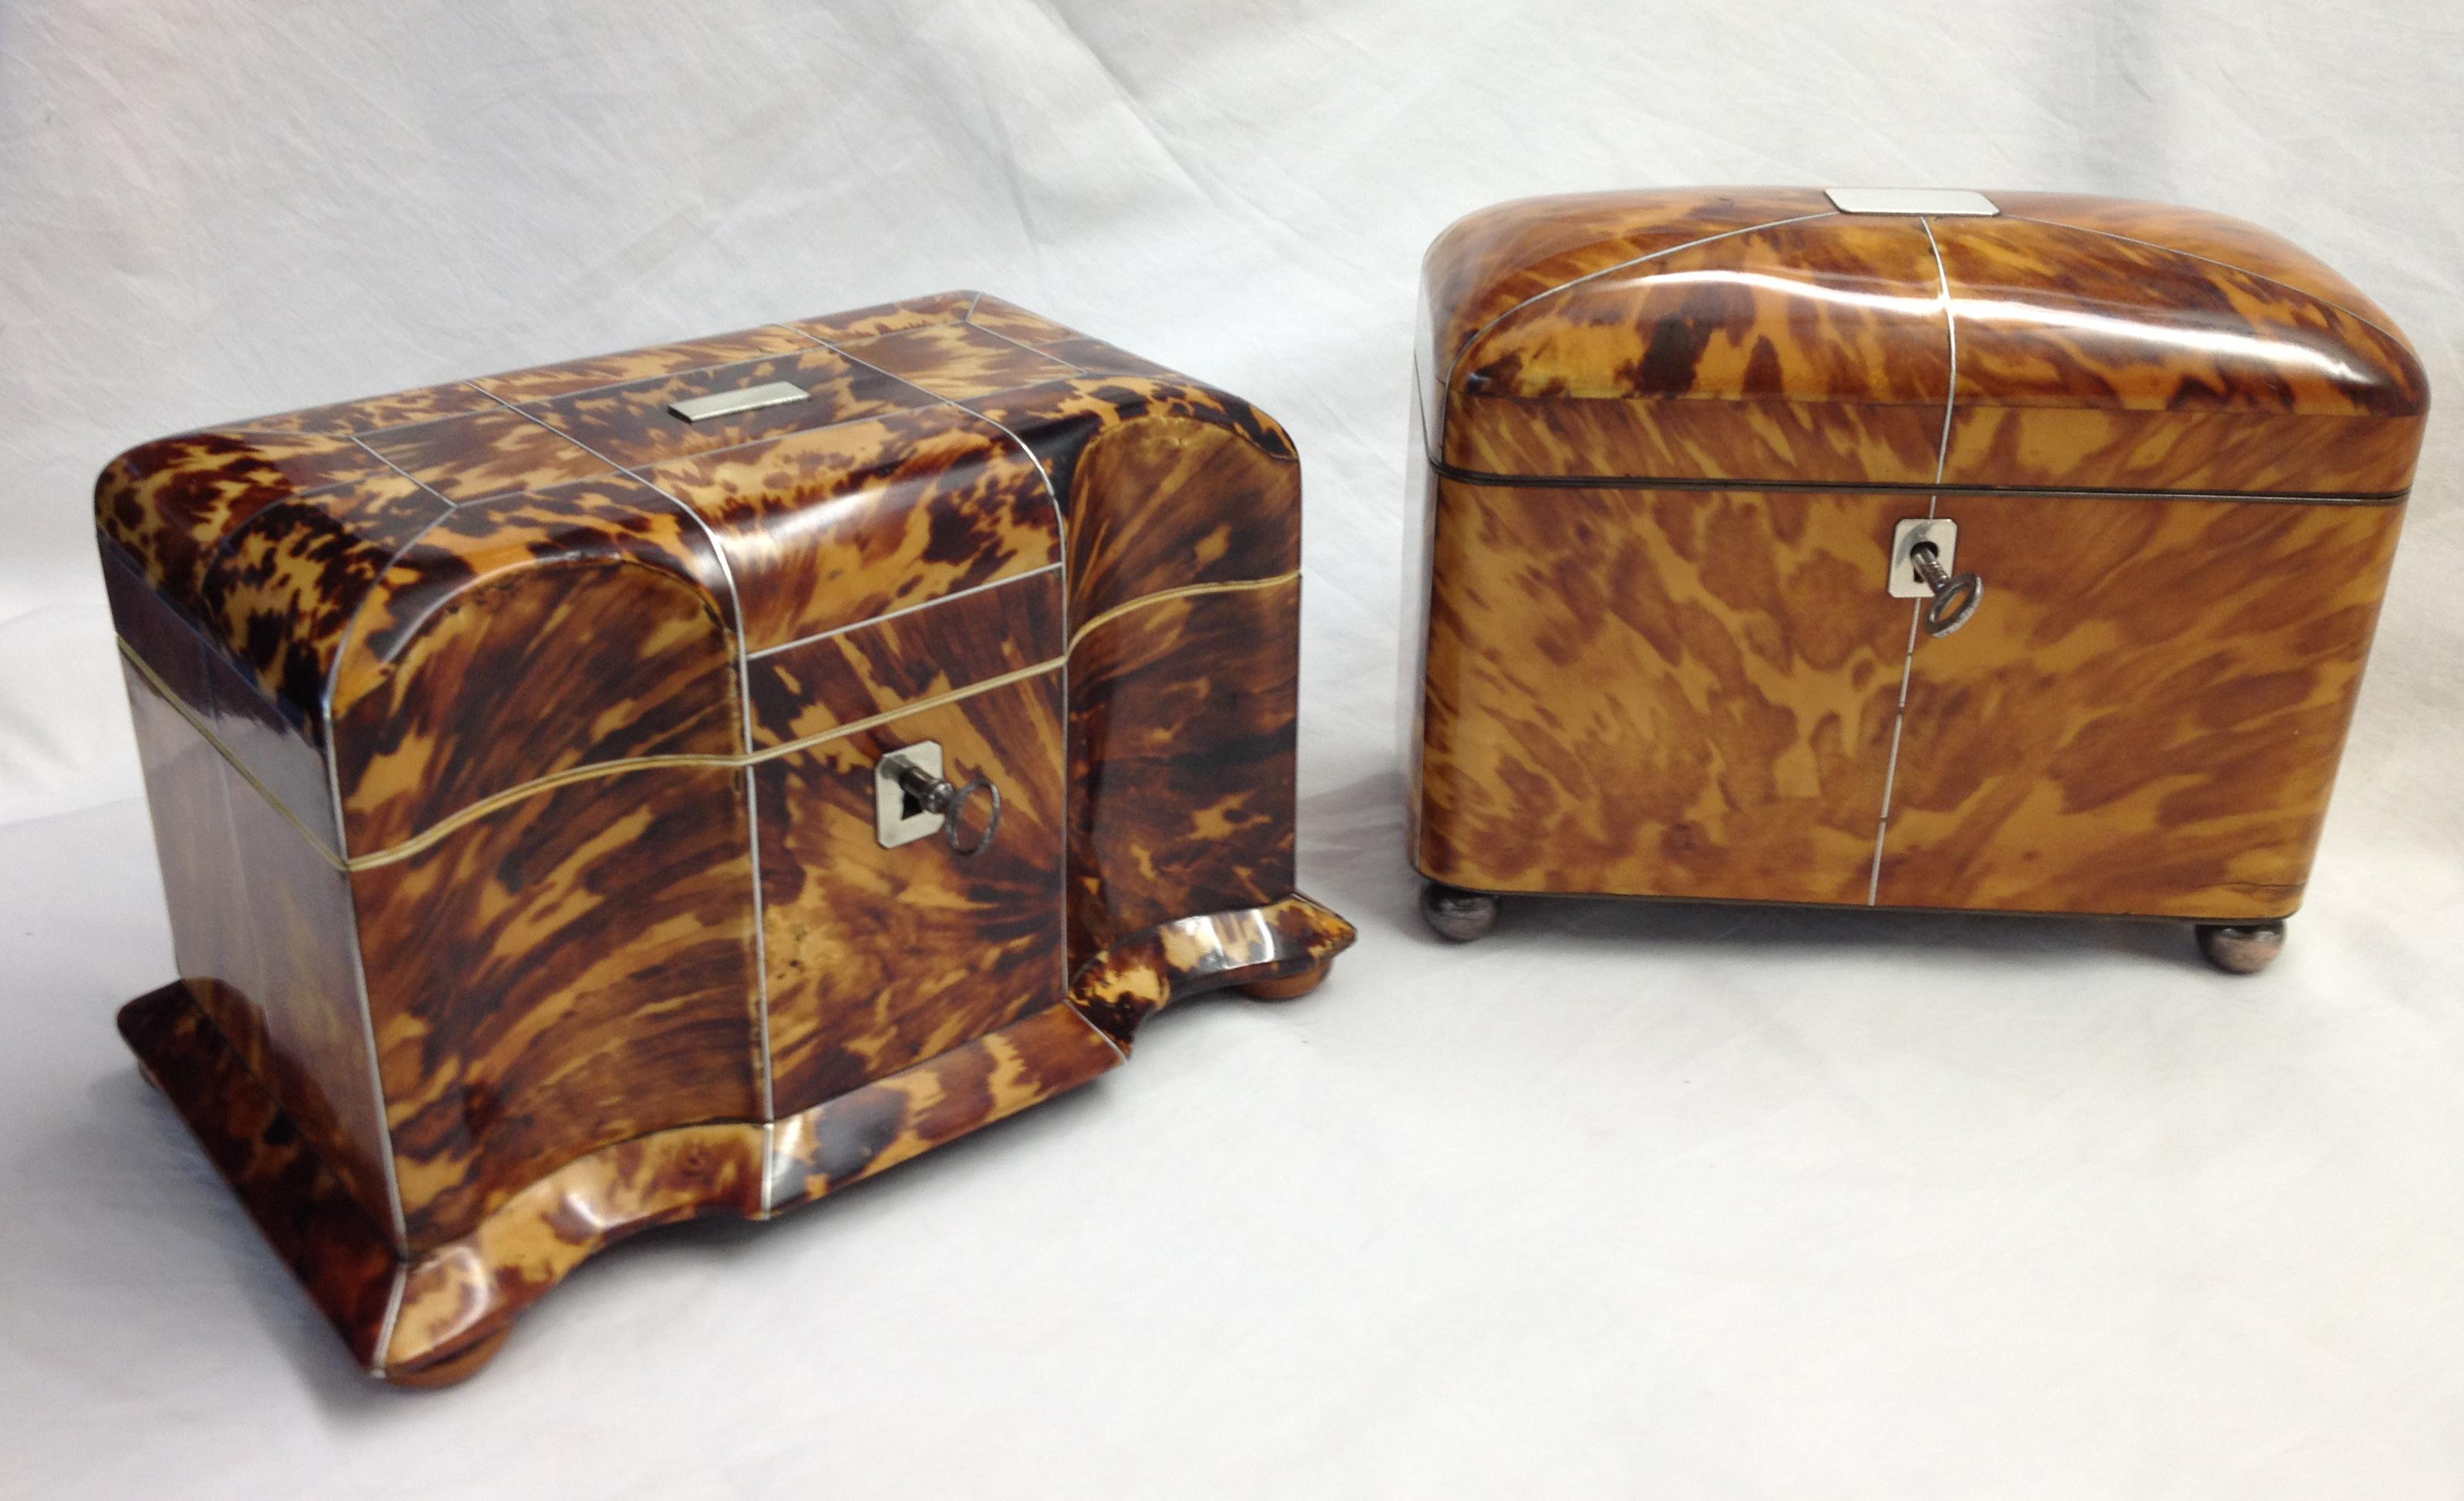 Tortoiseshell Tea Caddys